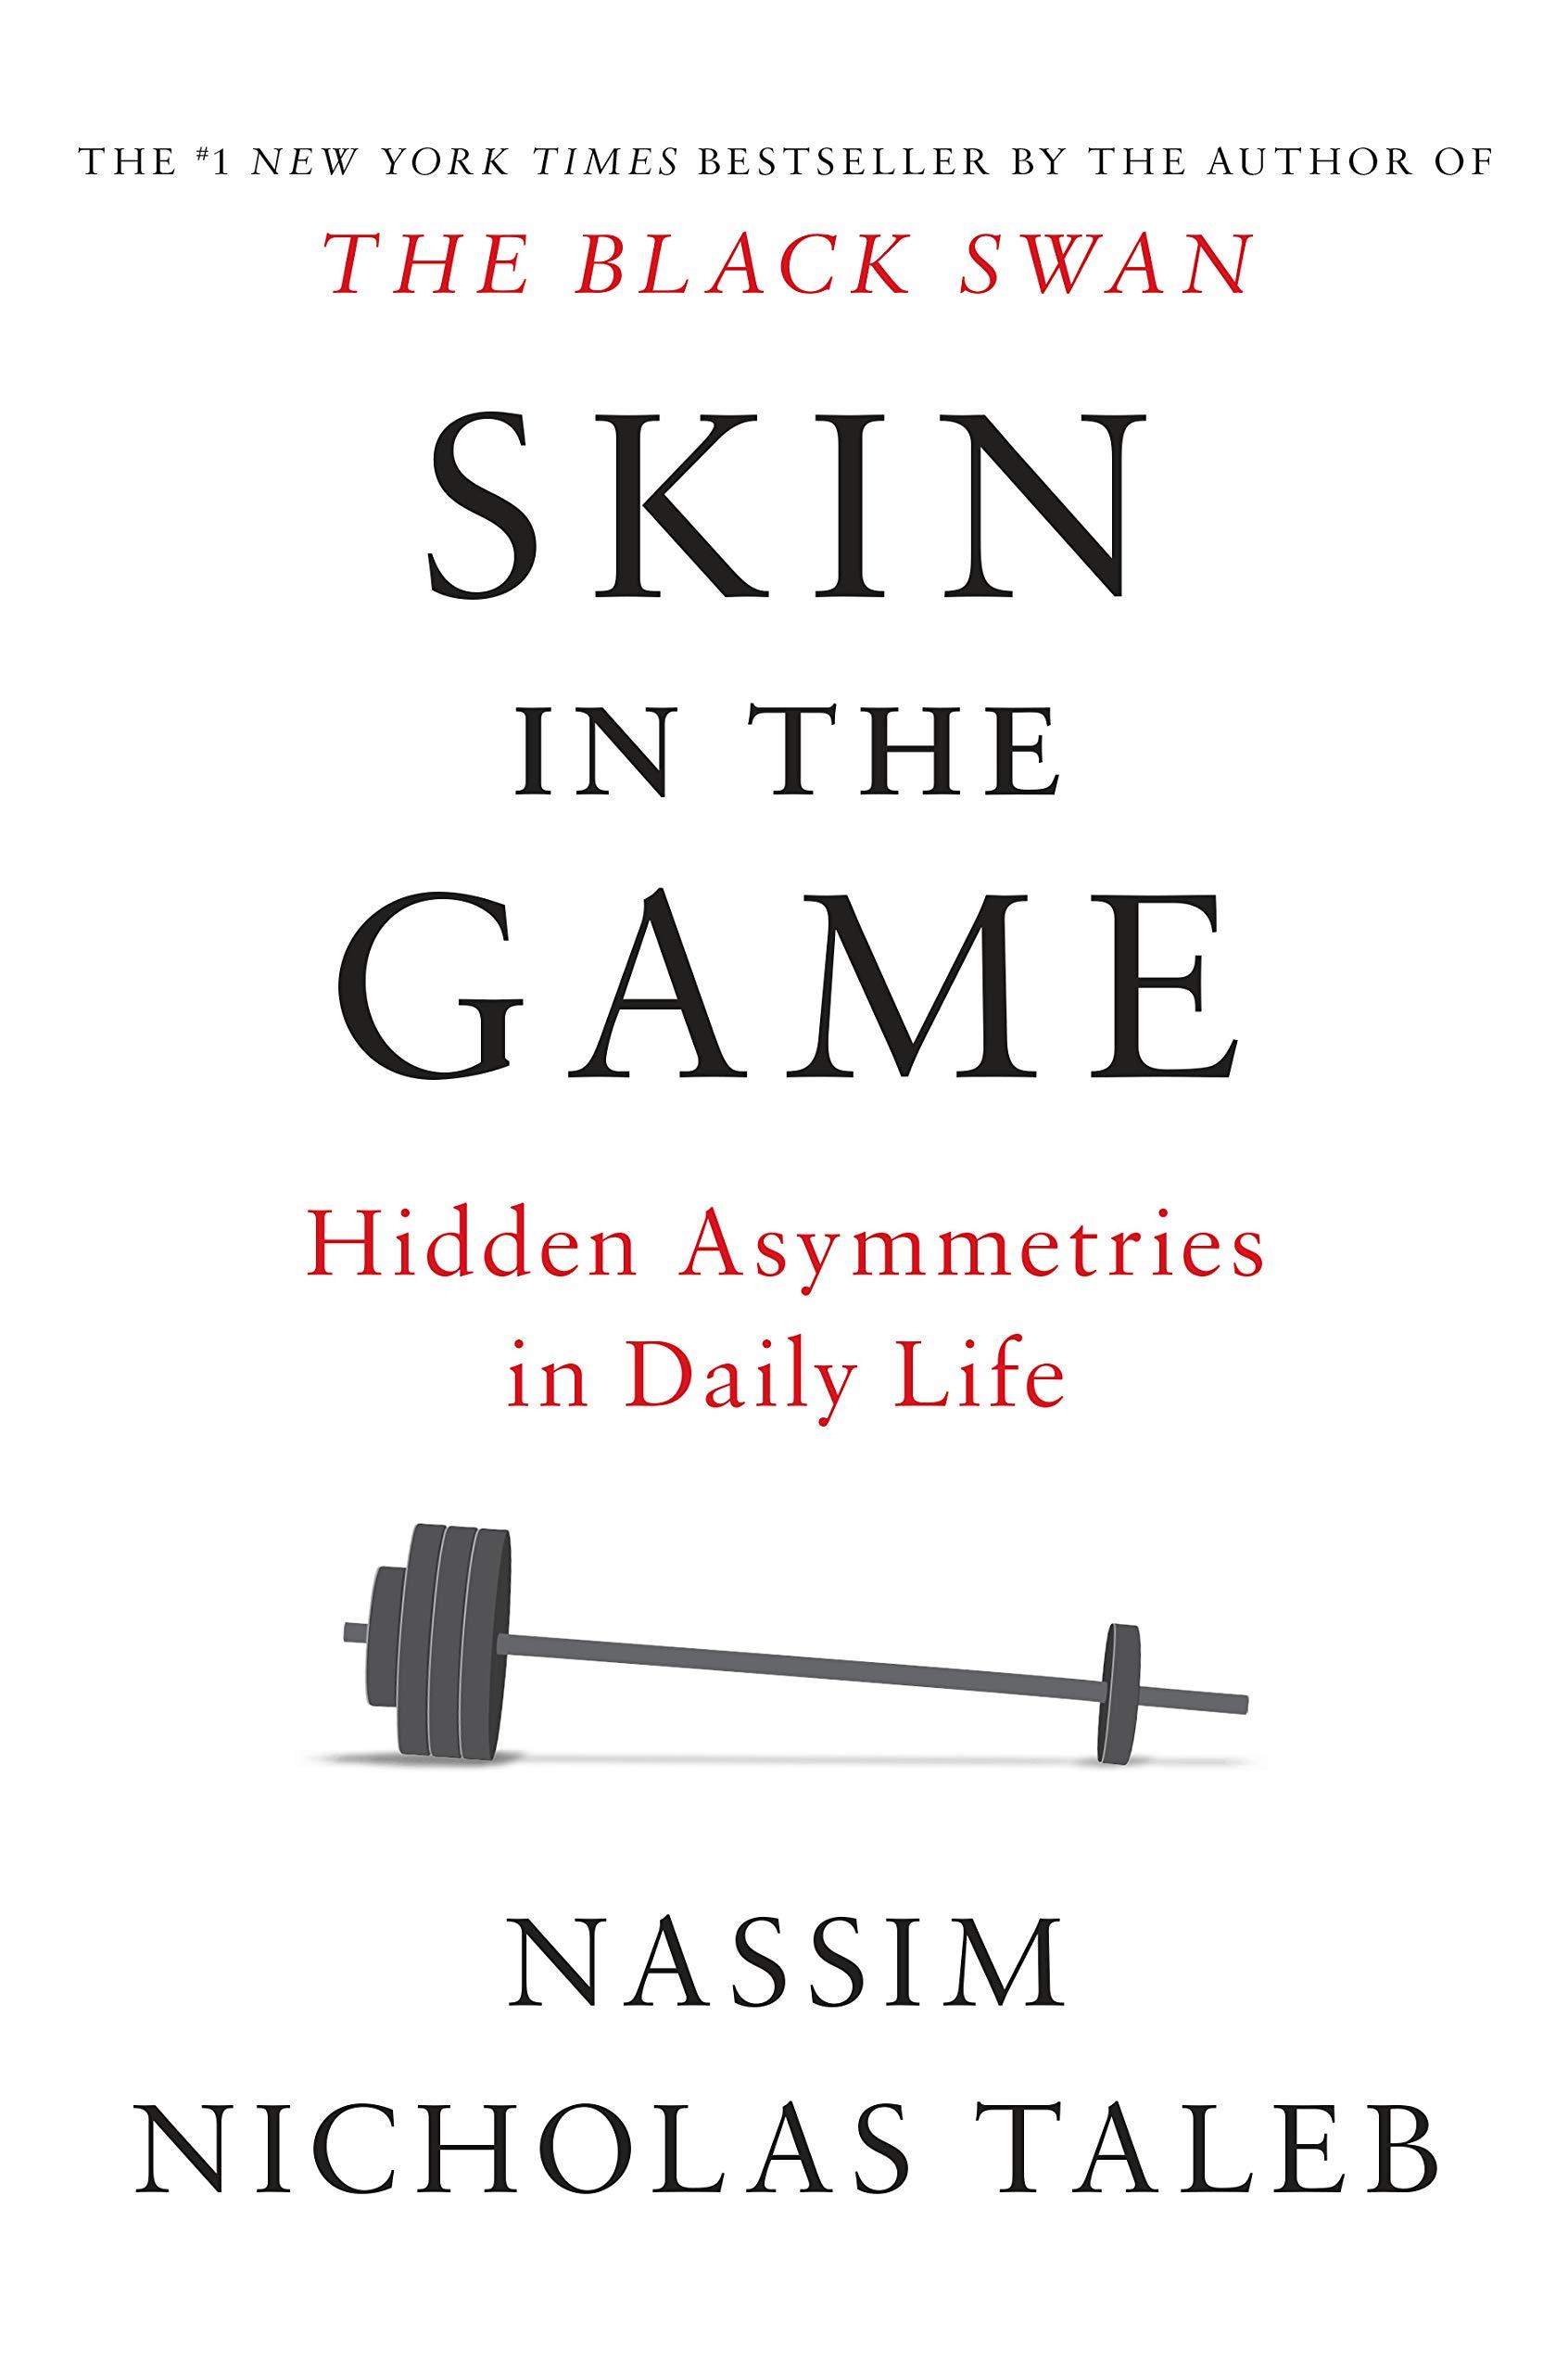 Skin in the Game di Nassim Taleb